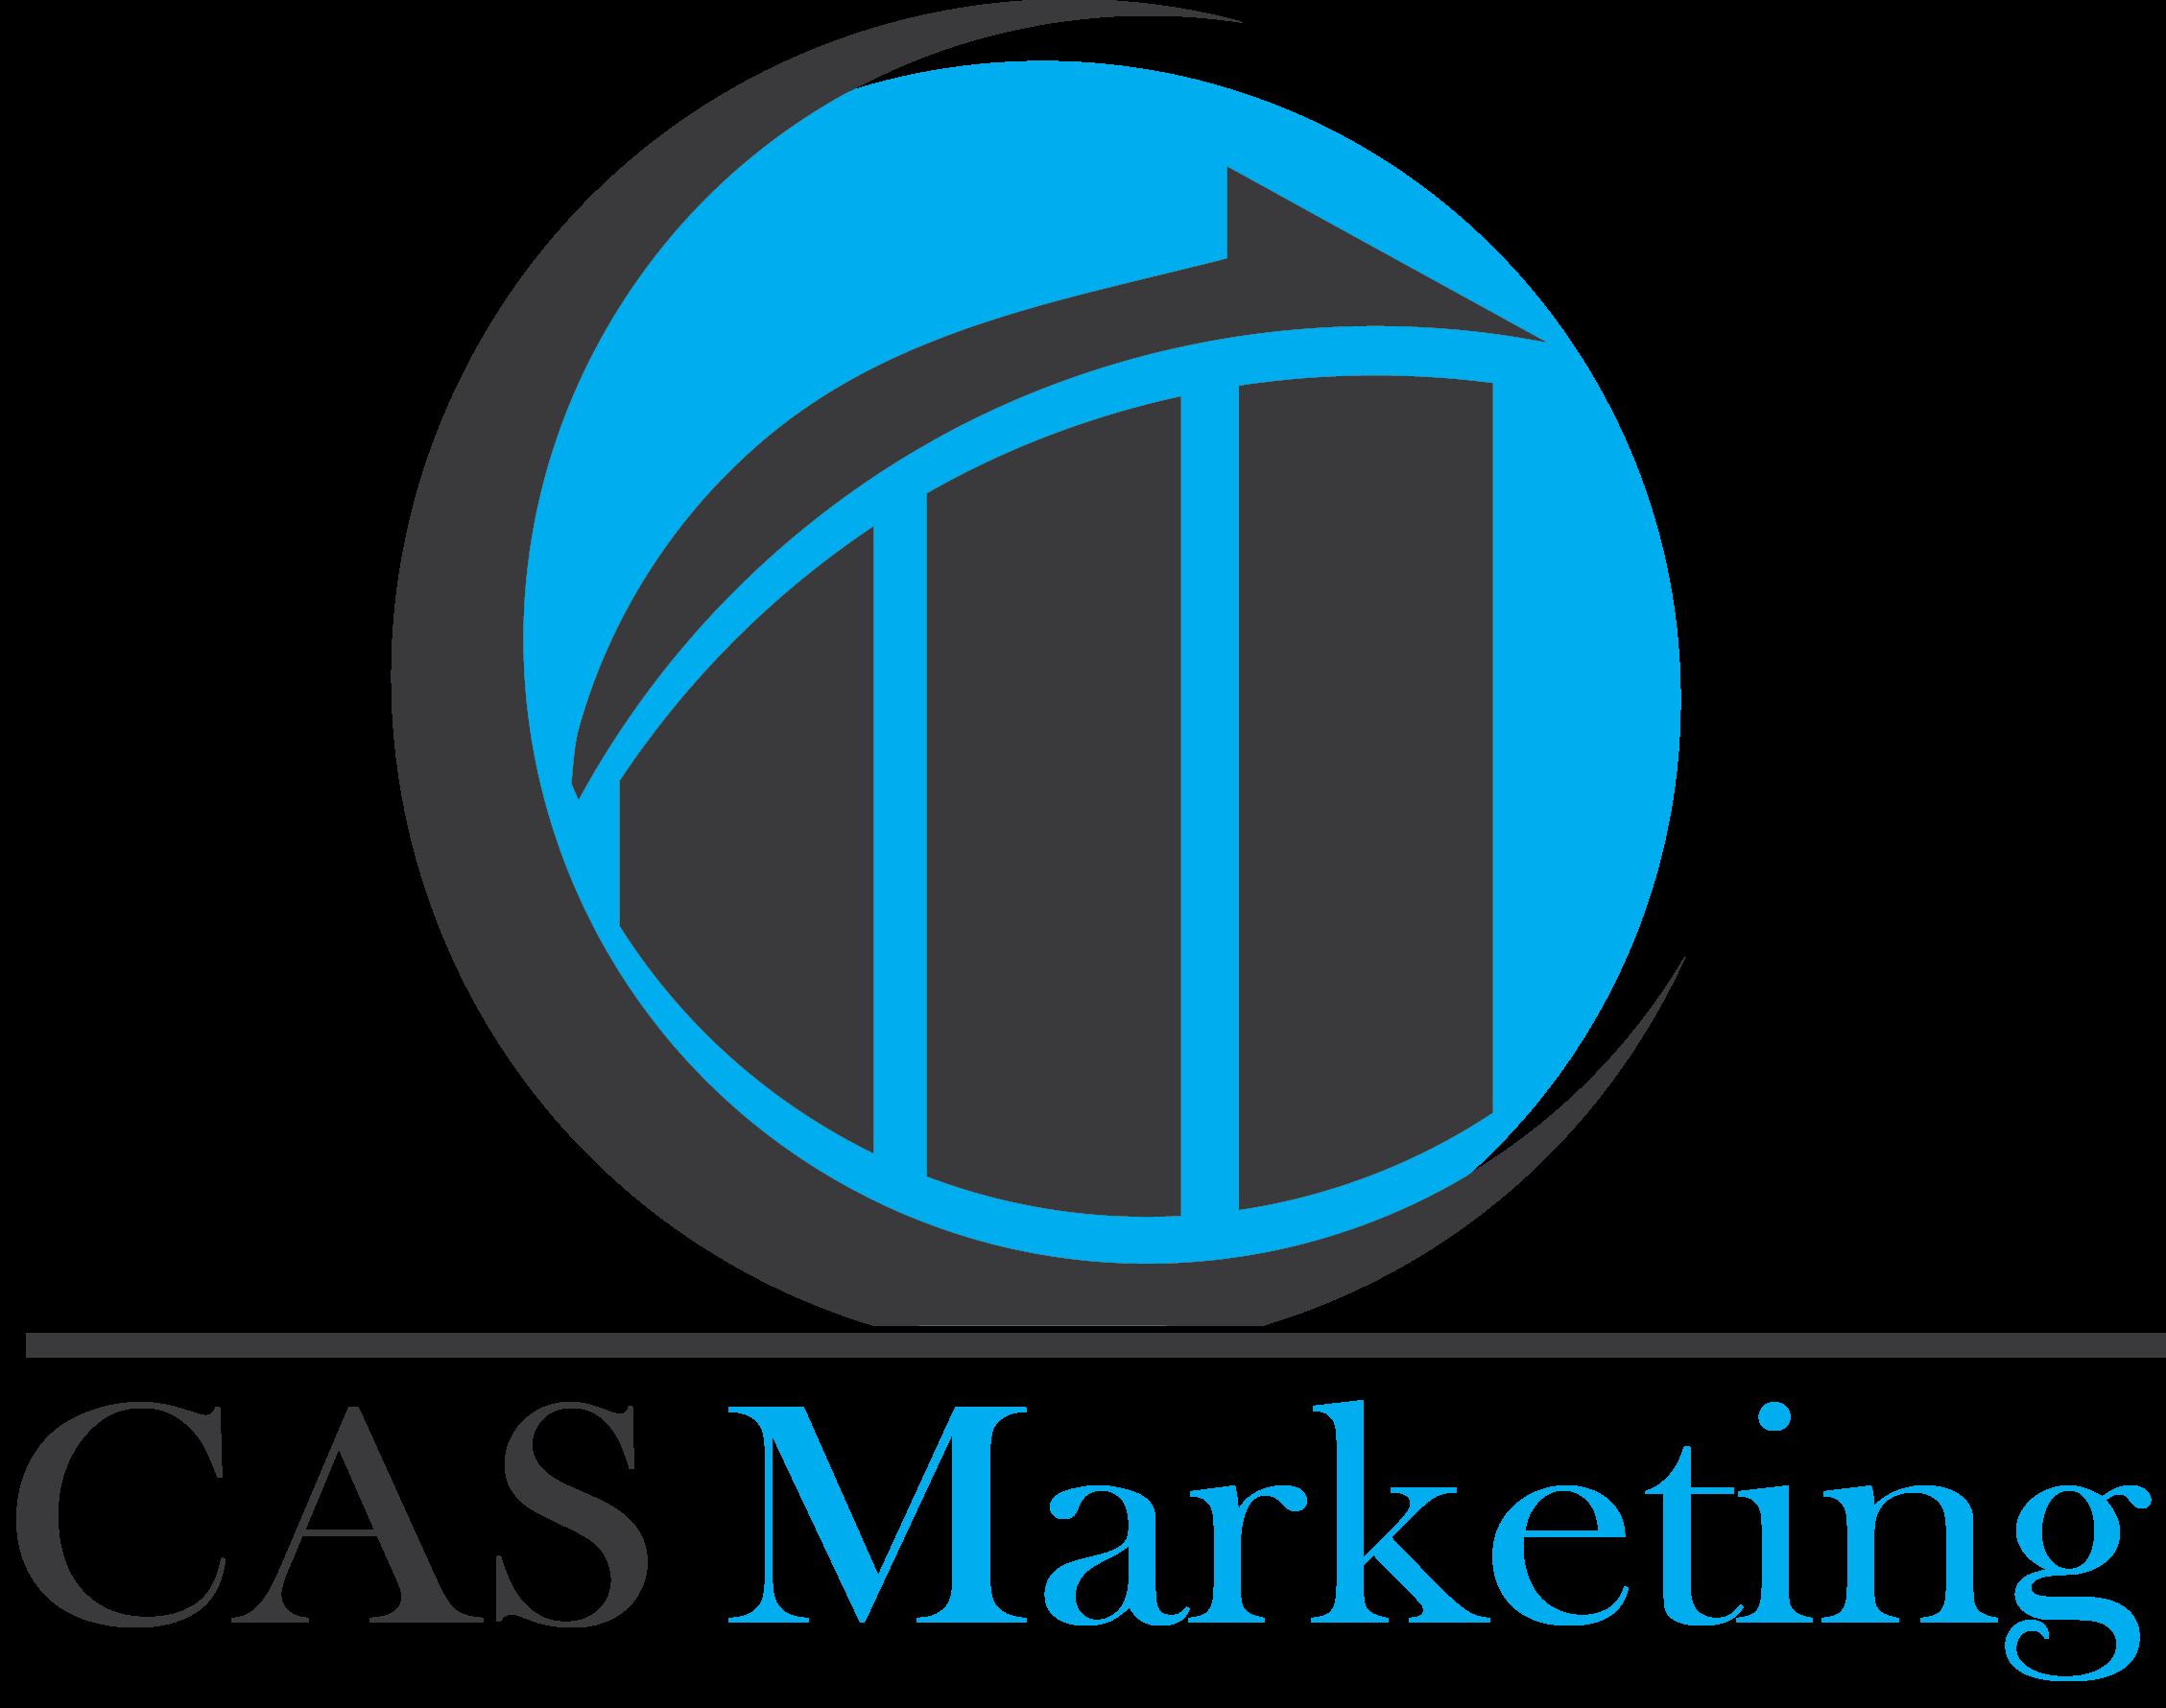 Cas Marketing LLC